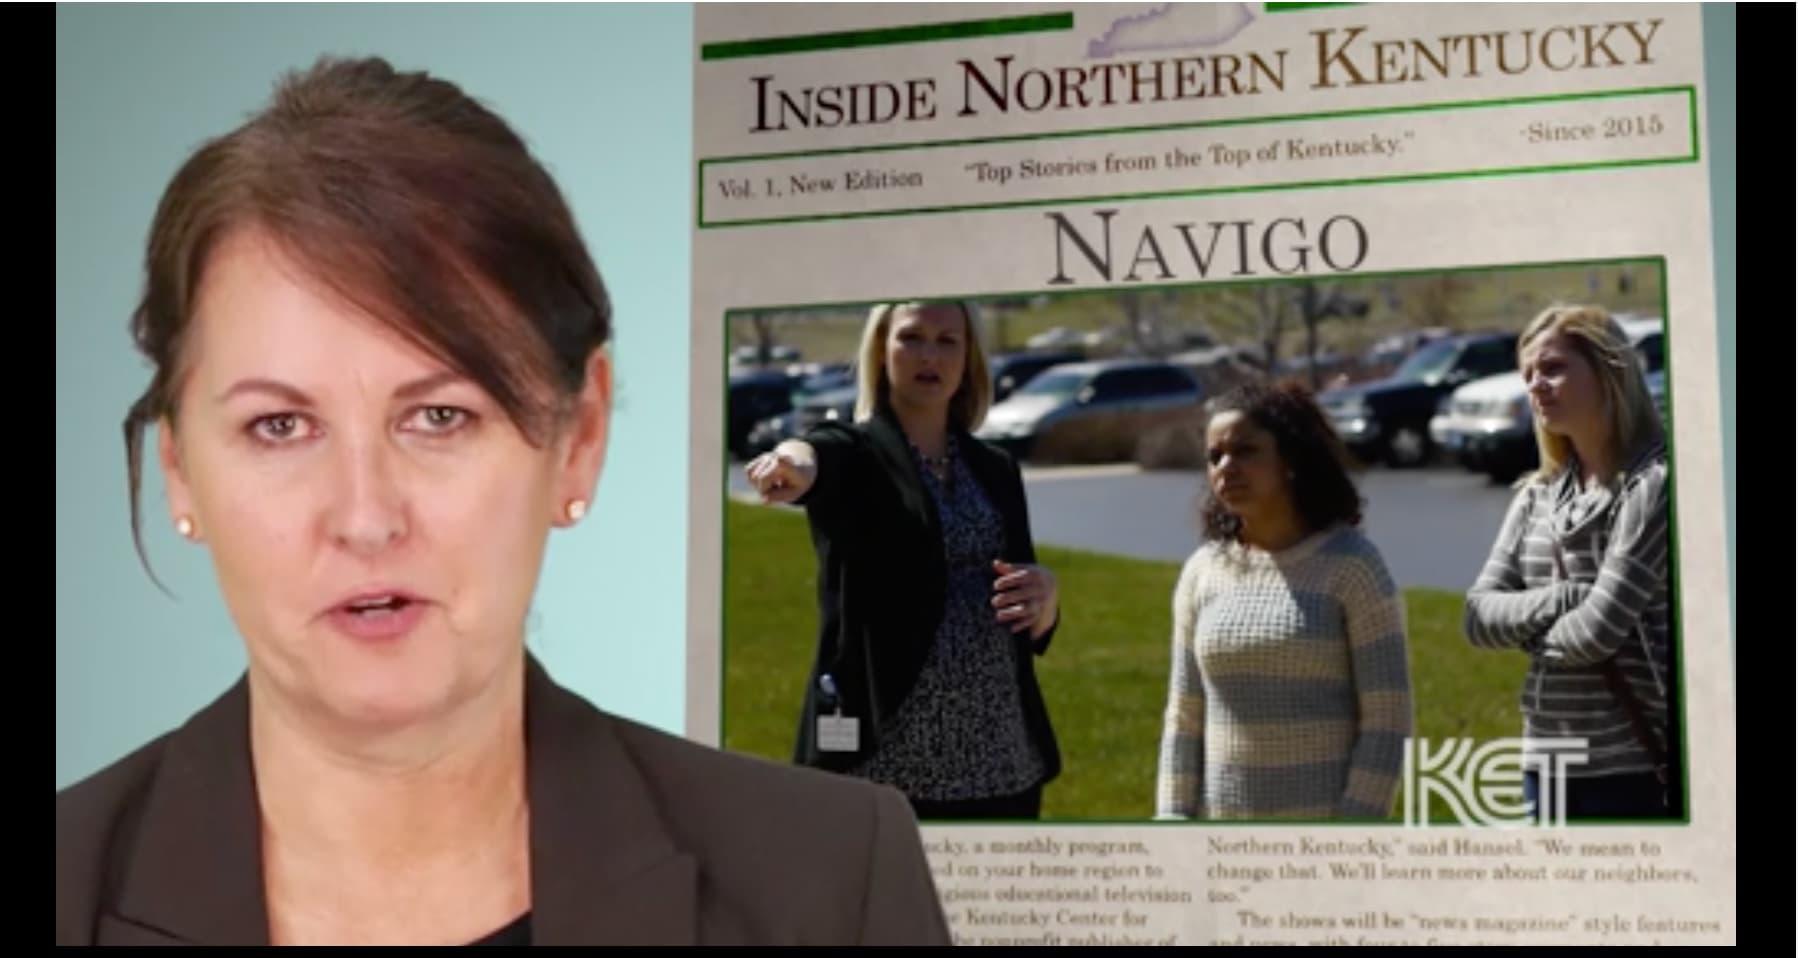 NaviGo newspaper feature